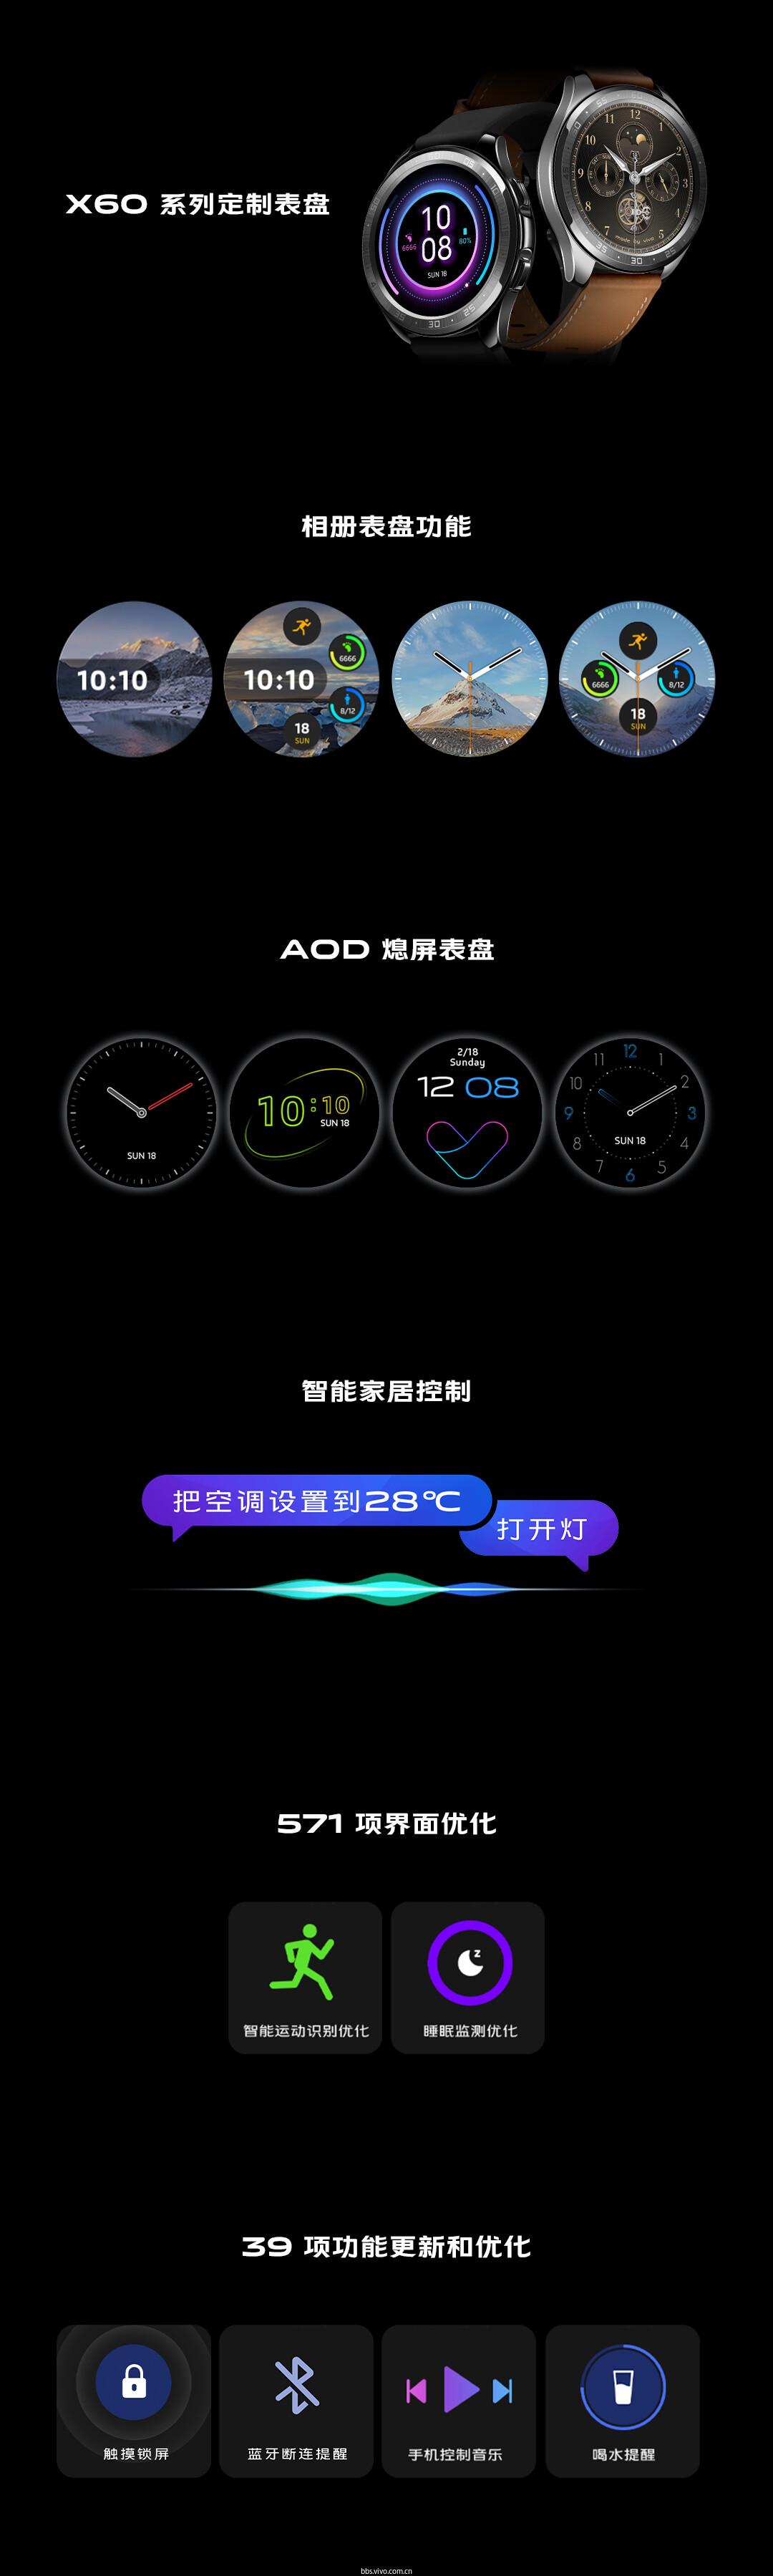 28【vivo-WATCH全新升级】.jpg